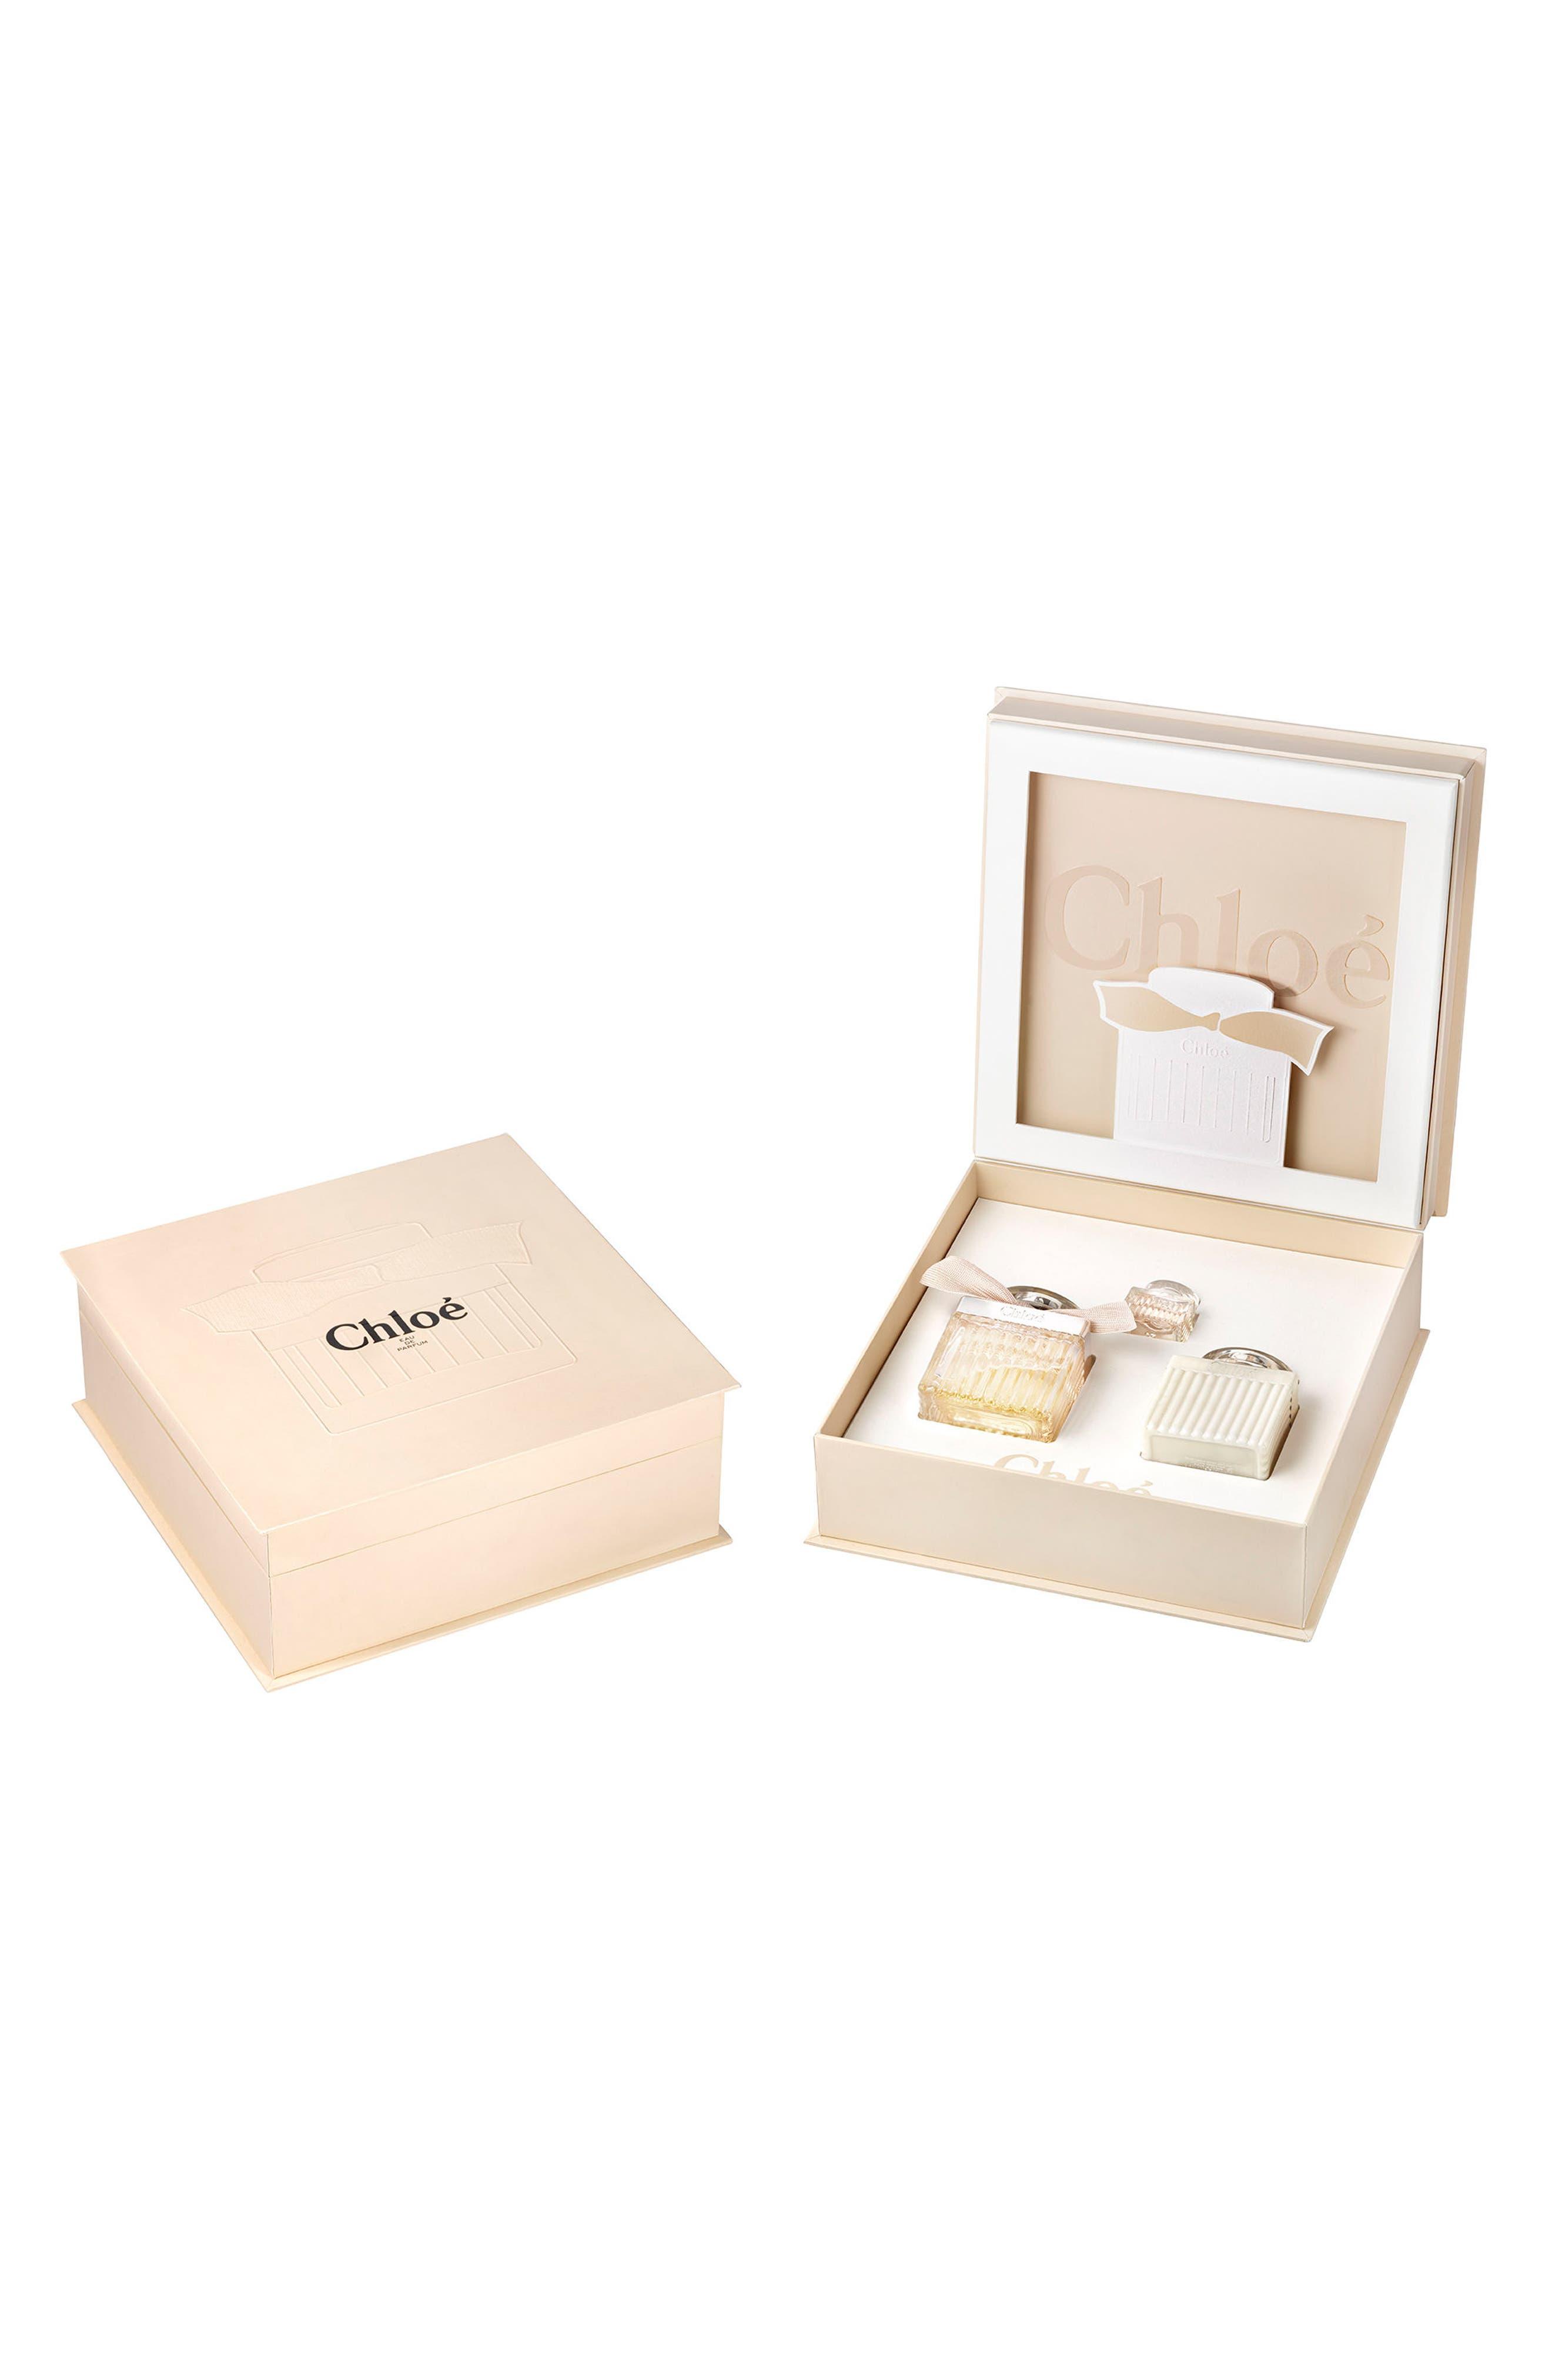 Chloé Eau de Parfum Set ($166 Value)